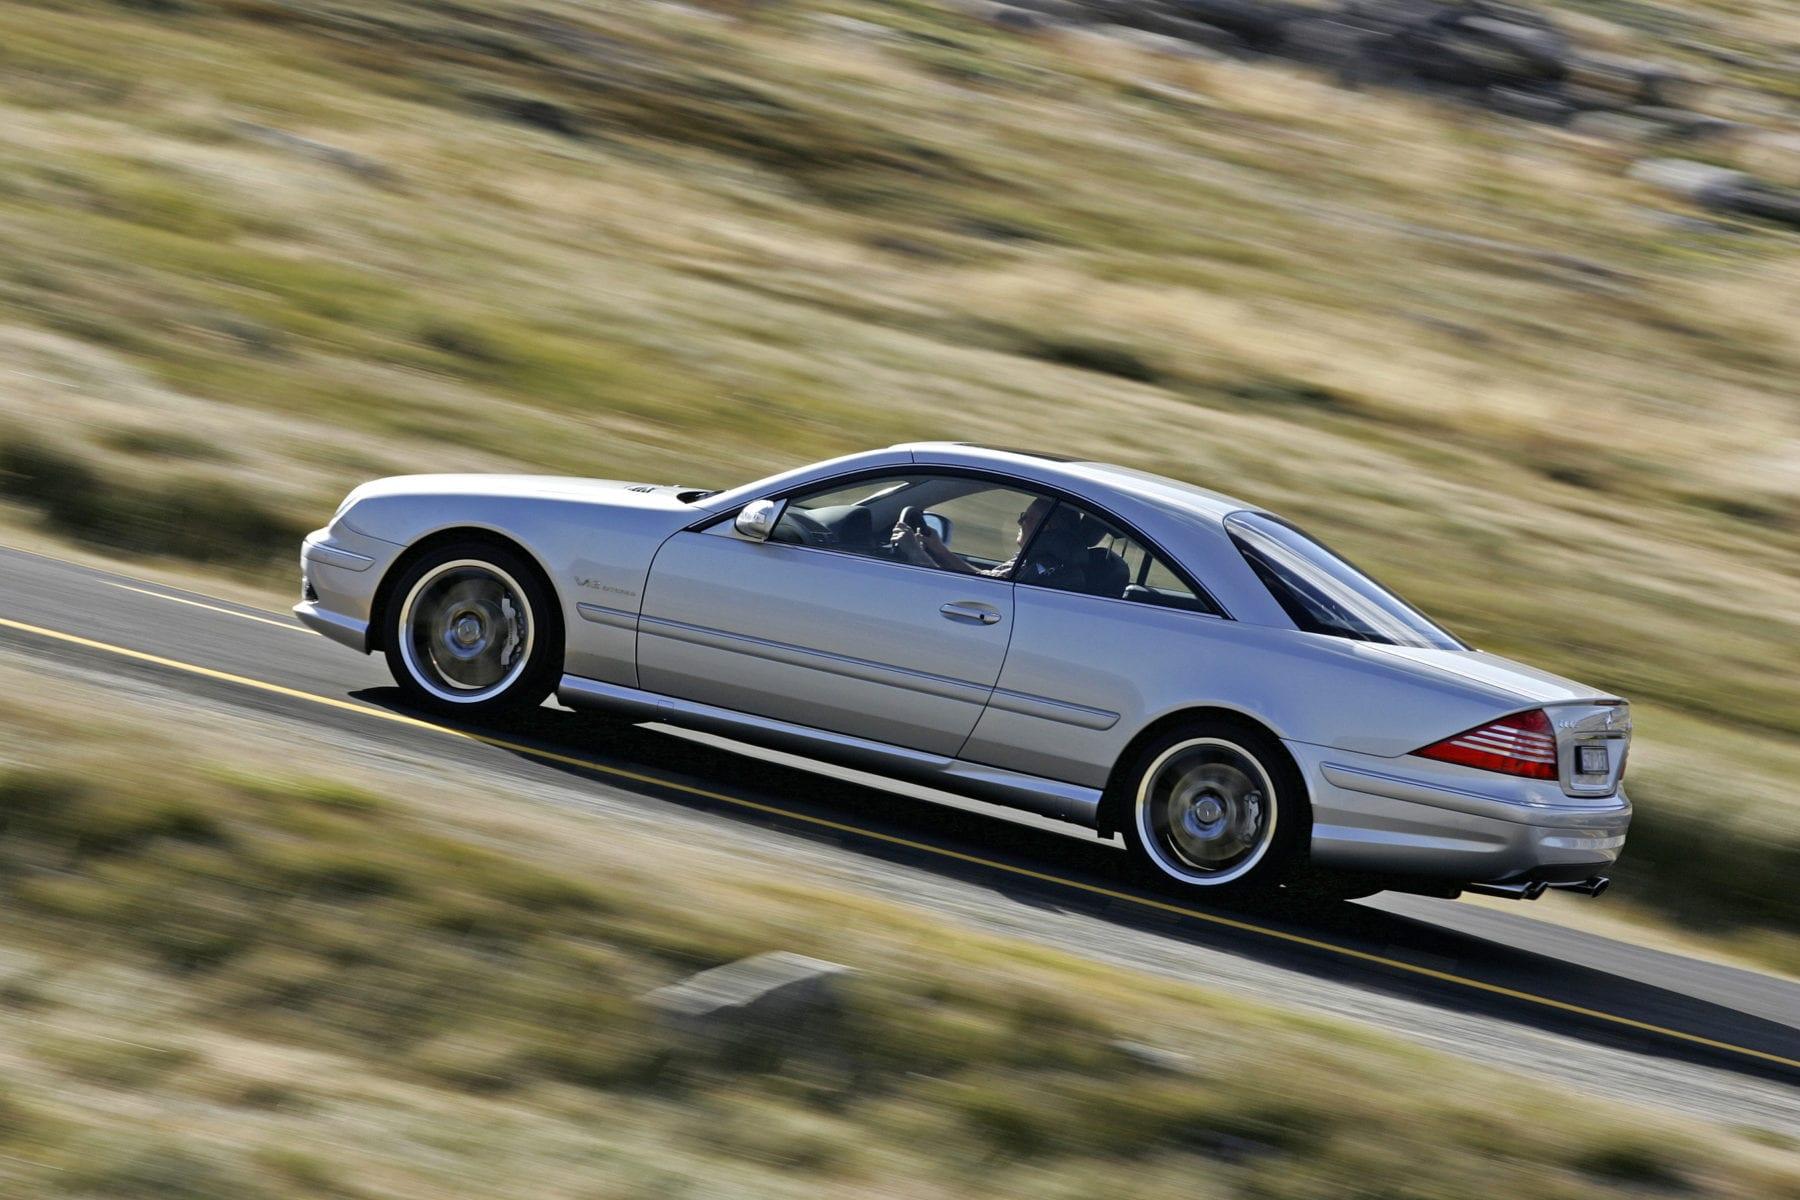 Mercedes-Benz CL500 at speed